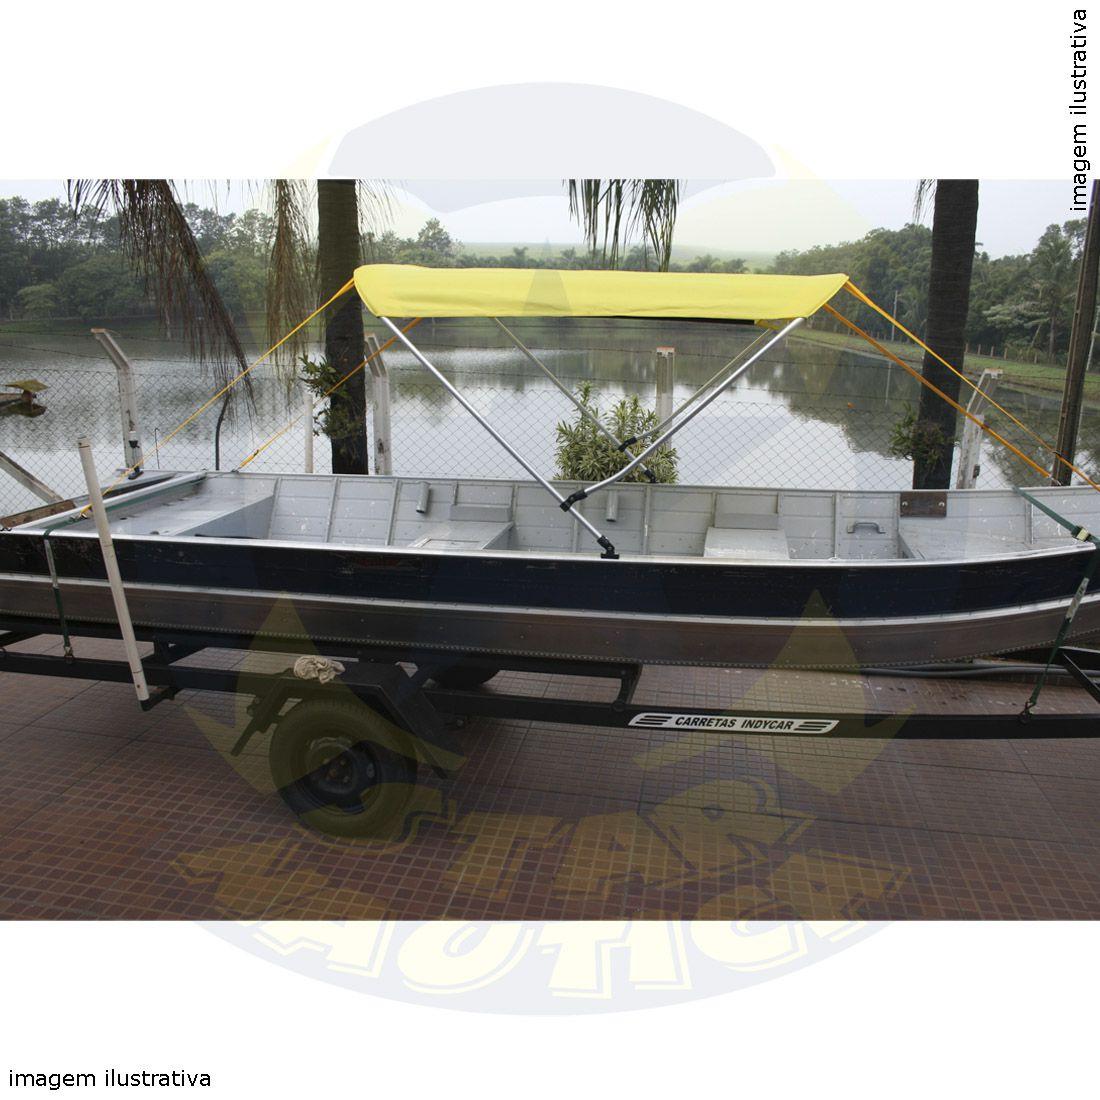 Capota Toldo Barco Marfim 500 Poliéster 2 Arcos Tubo 7/8